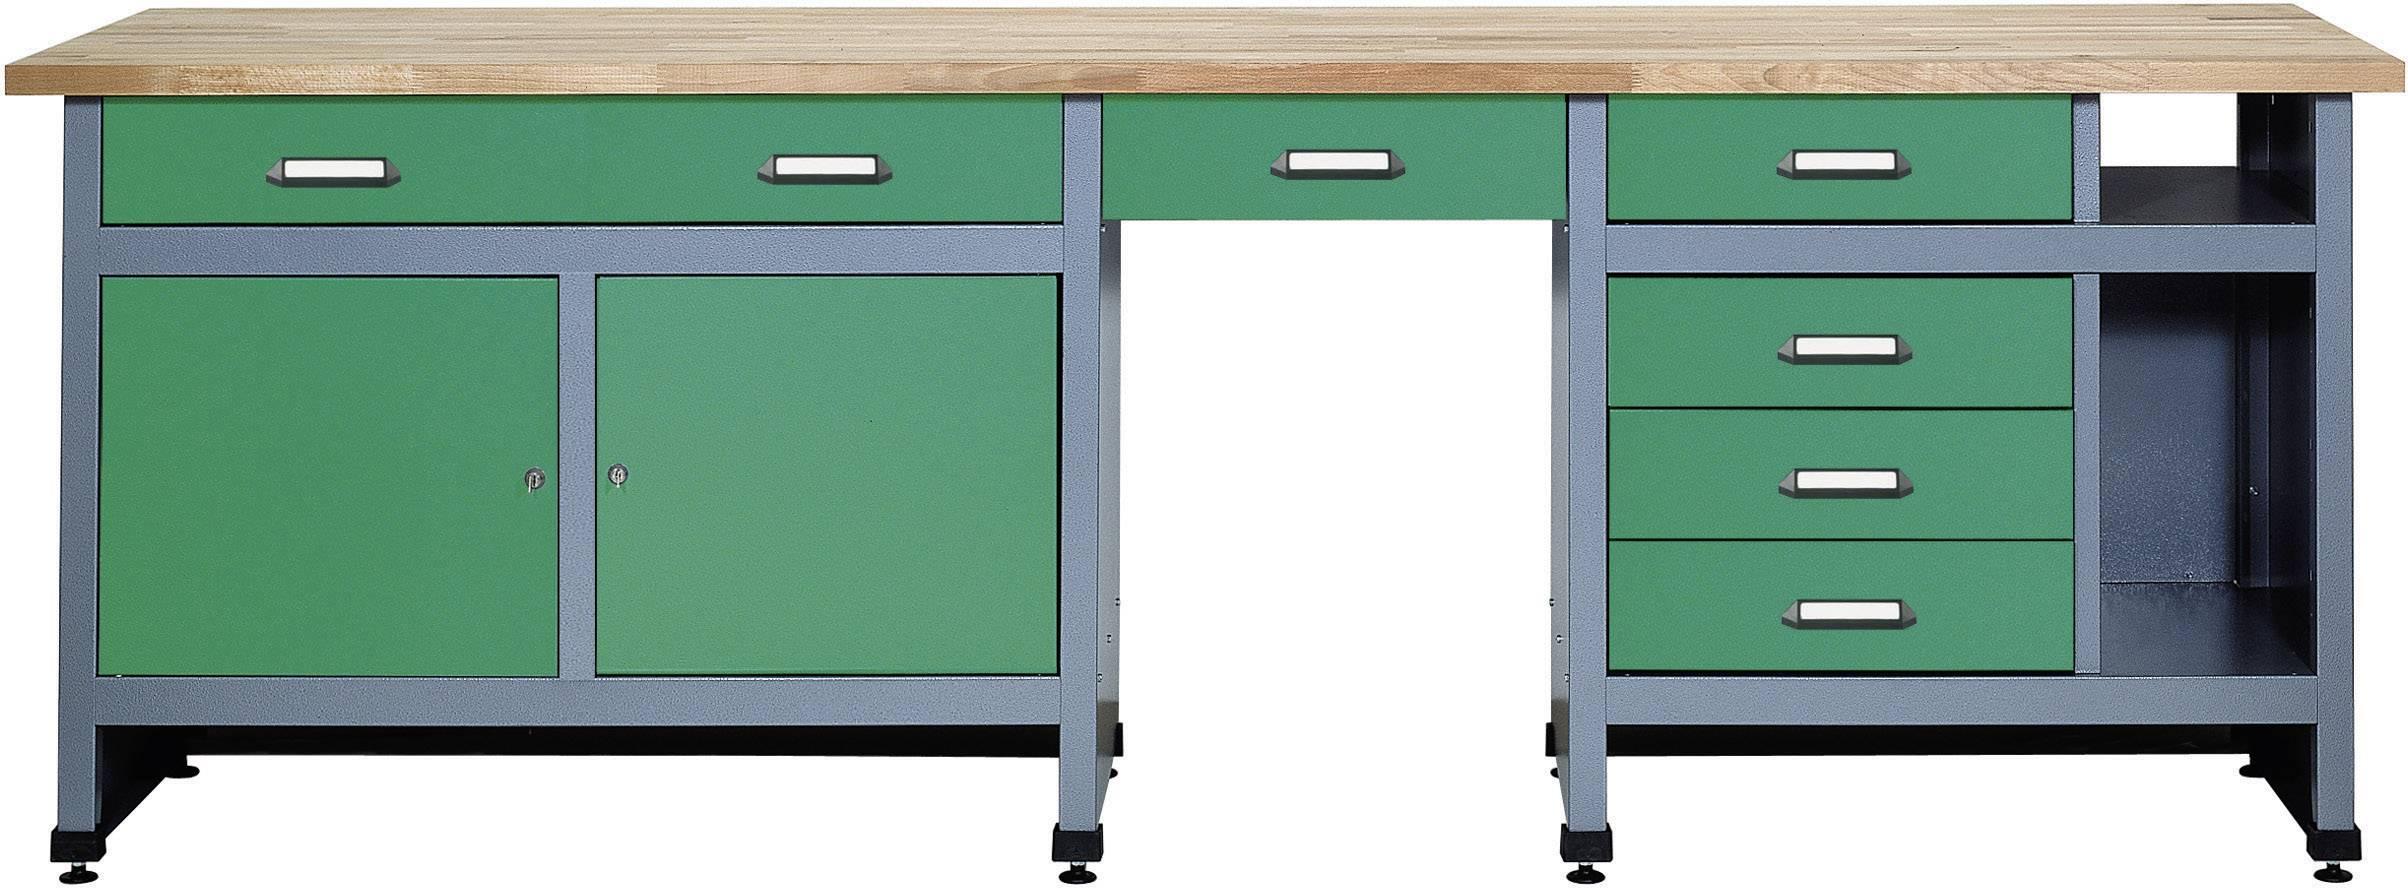 Vybavení pracovního stolu